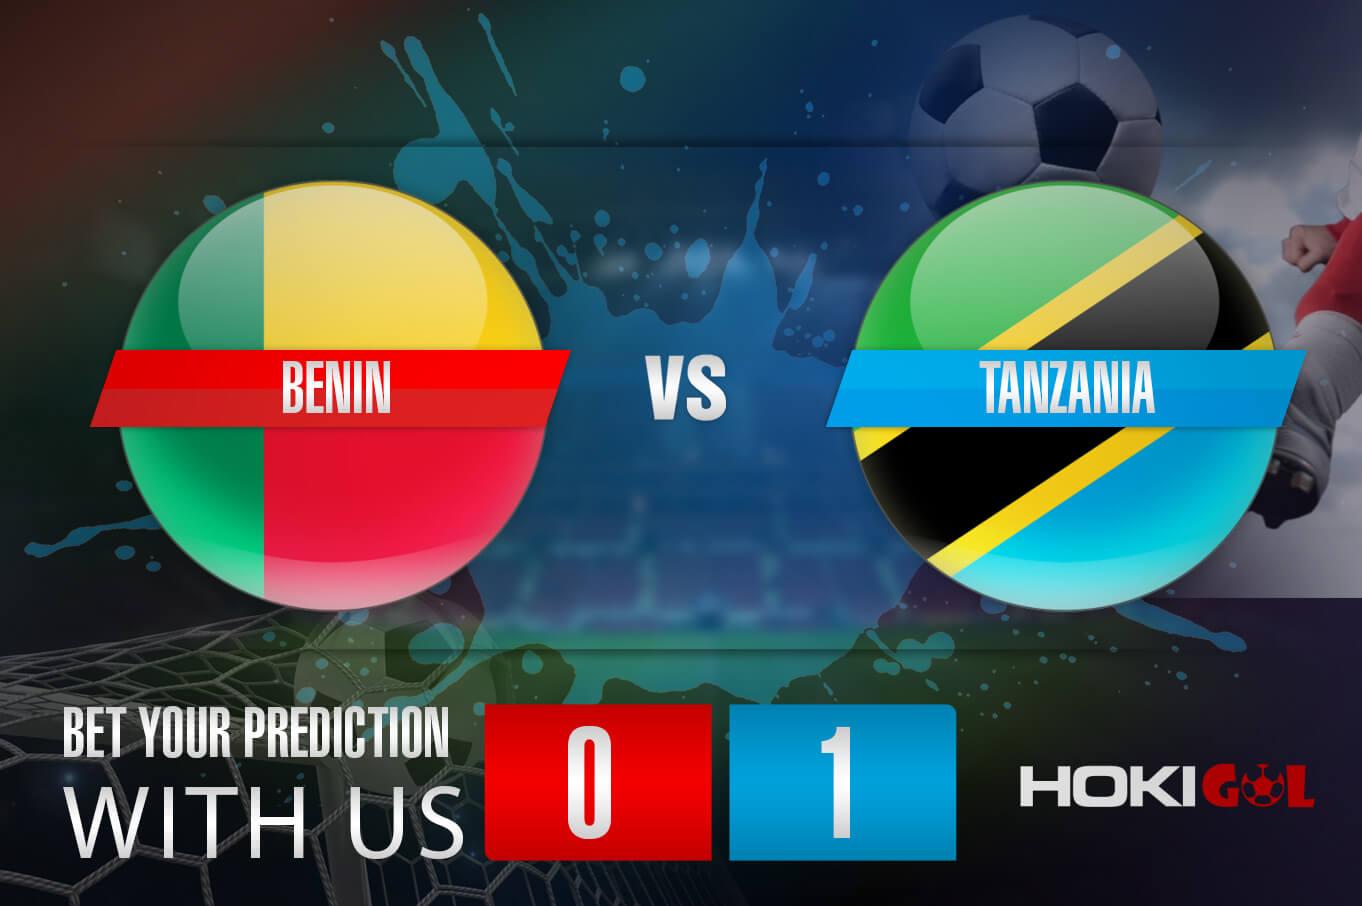 Prediksi Bola Benin Vs Tanzania 10 Oktober 2021